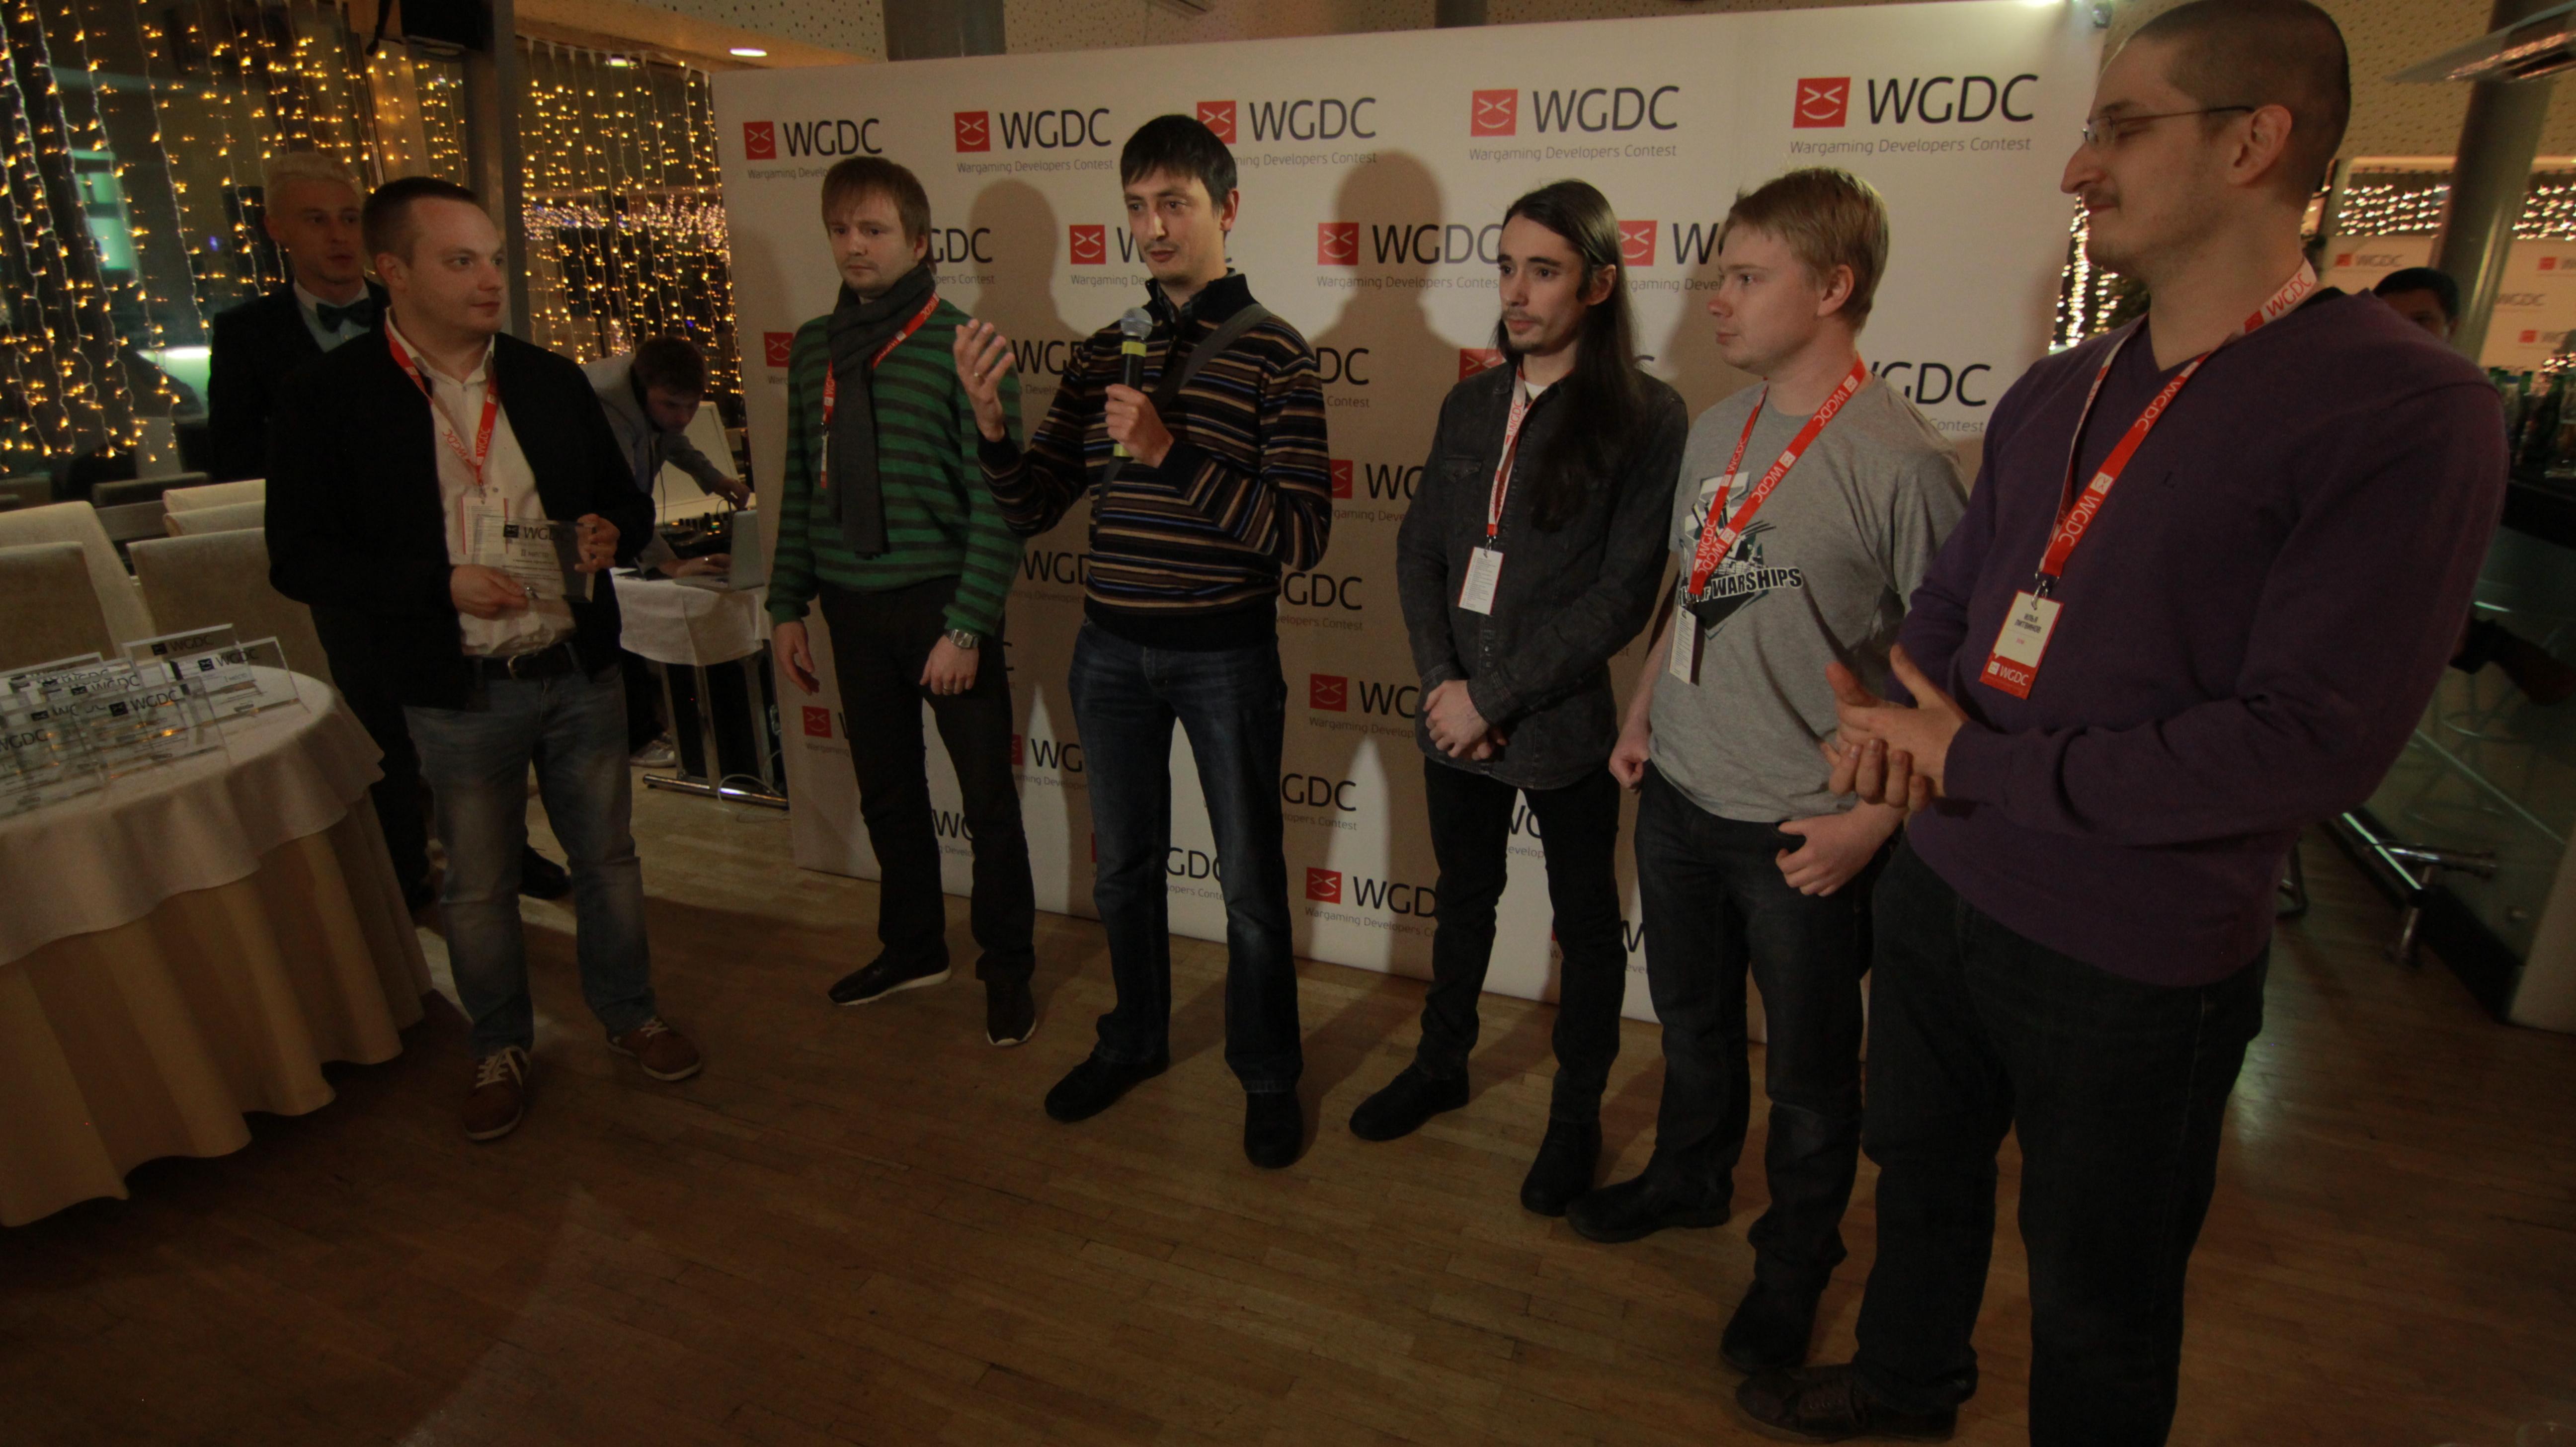 WGN_Photos_WGDC_Conference_Image_30